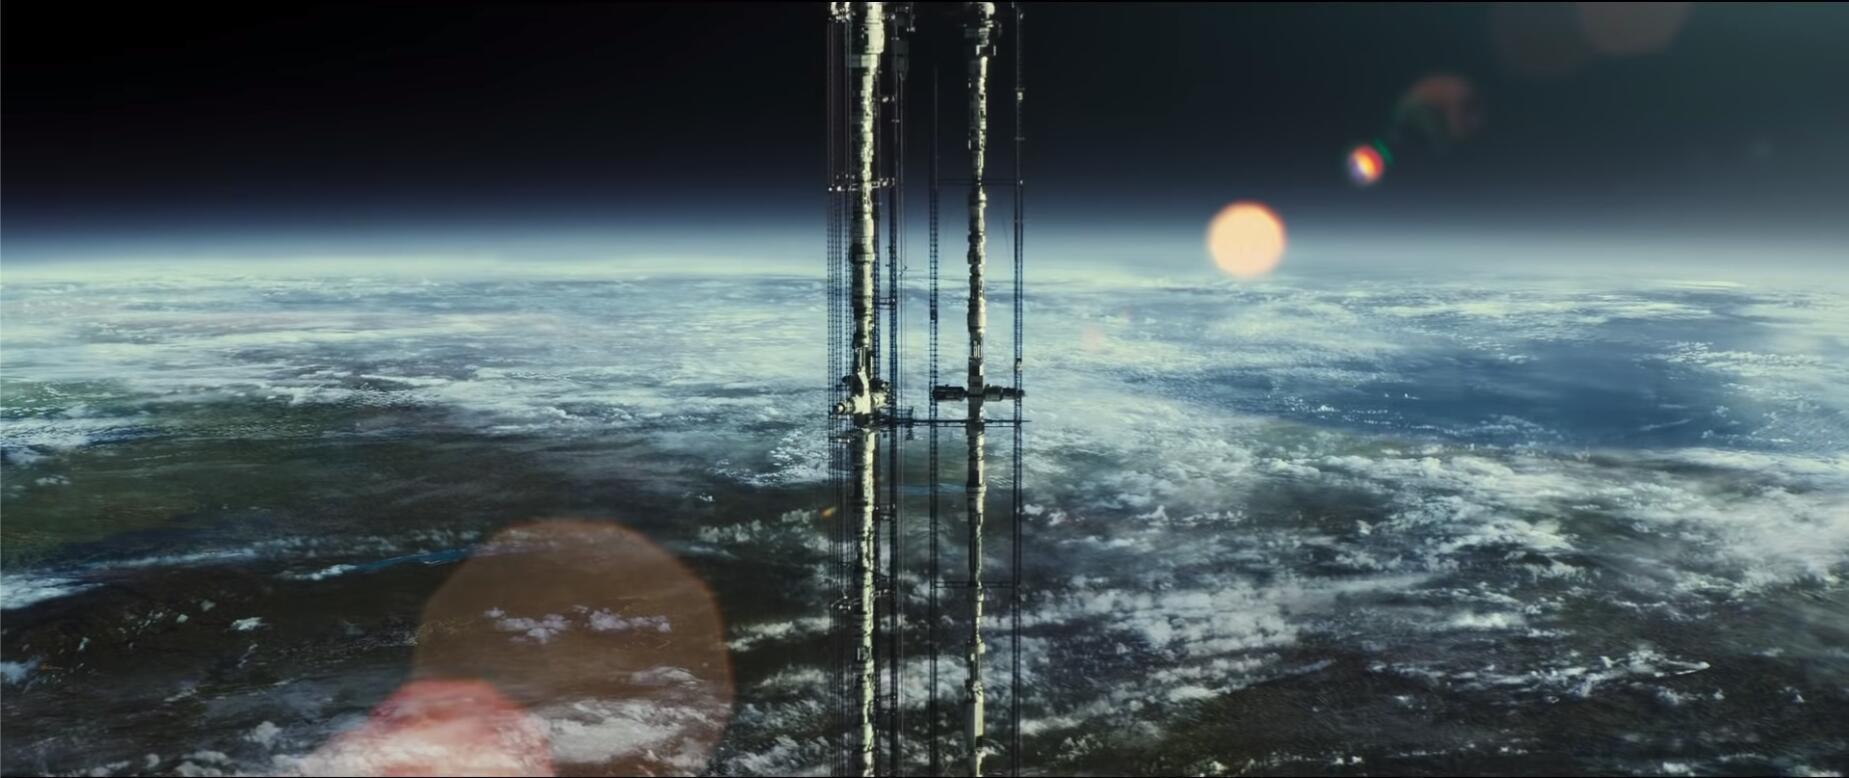 ad astra ascenseur spatial